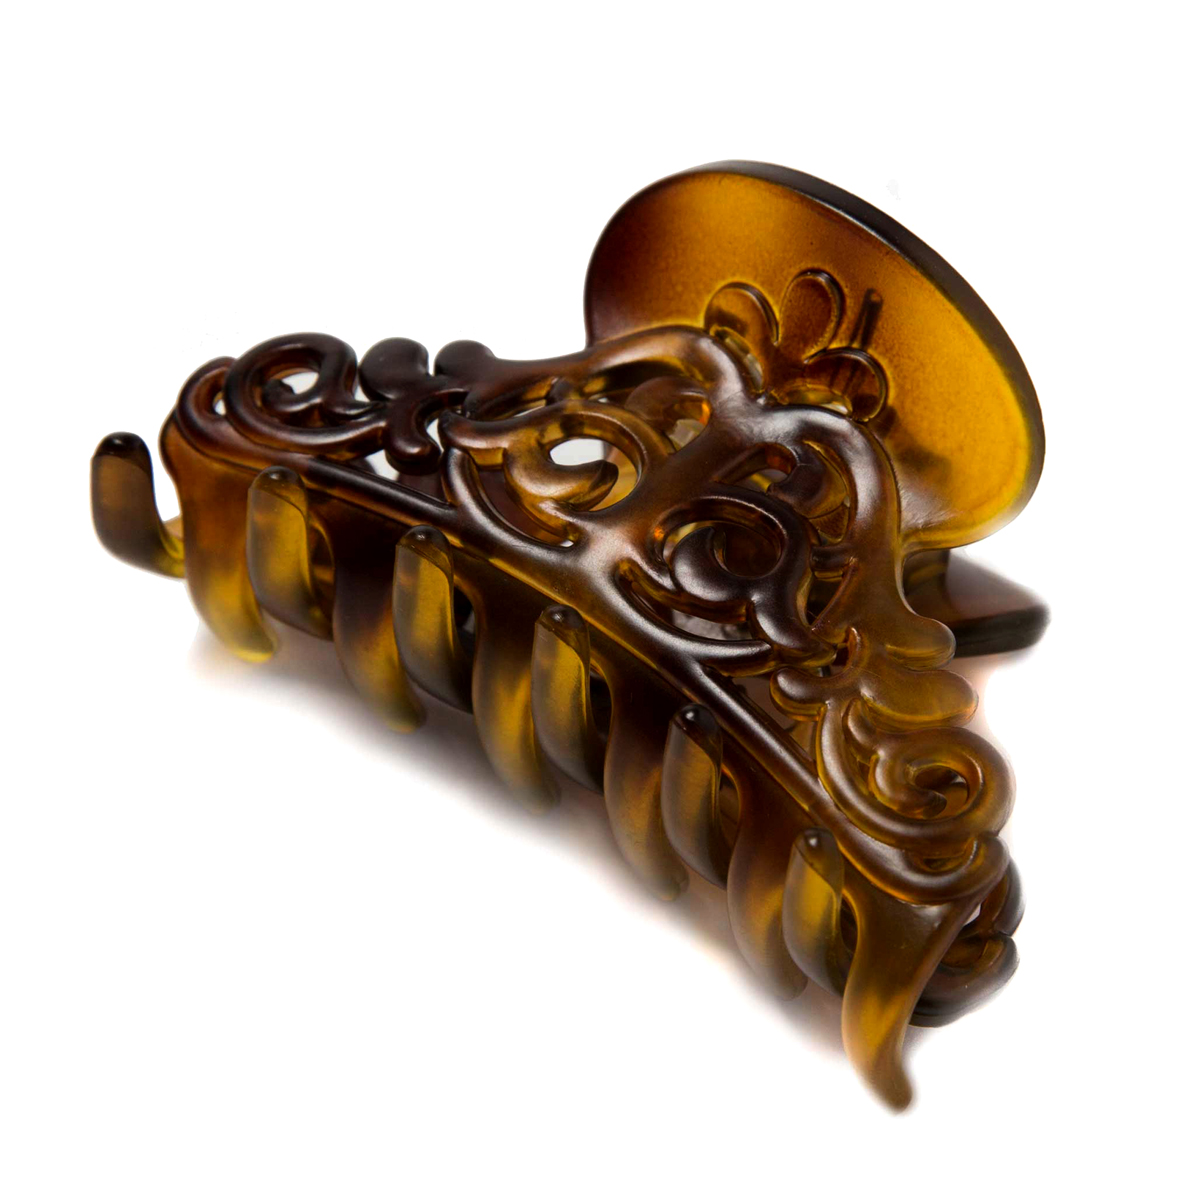 Заколка-краб Mitya Veselkov, цвет: коричневый. KRAB3-M2BROKRAB3-M2BROЗаколка-краб выполнена из пластика черного цвета. Удобный зажимной механизм надежно держит волосы и при этом служит отличным украшением.